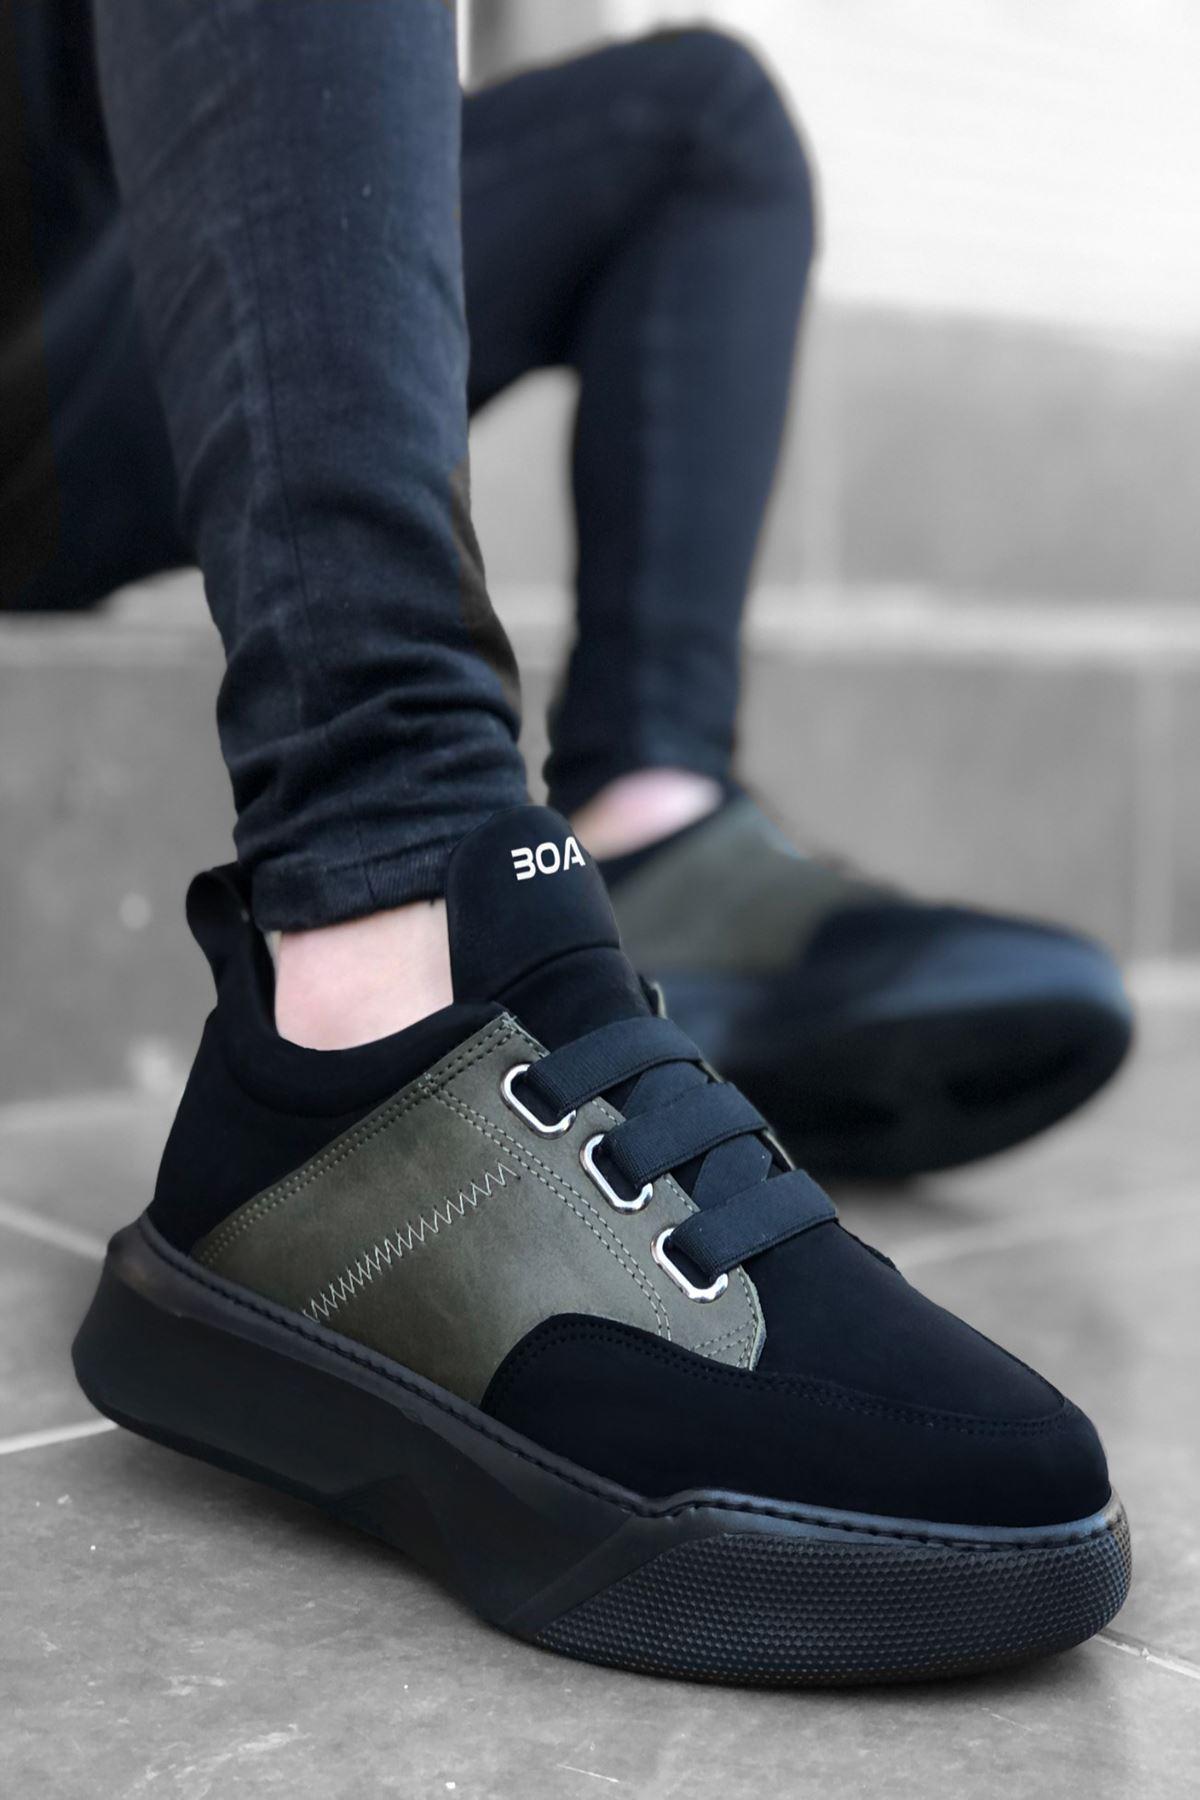 B160 Haki Siyah ST Bağcıklı Erkek Sneakers